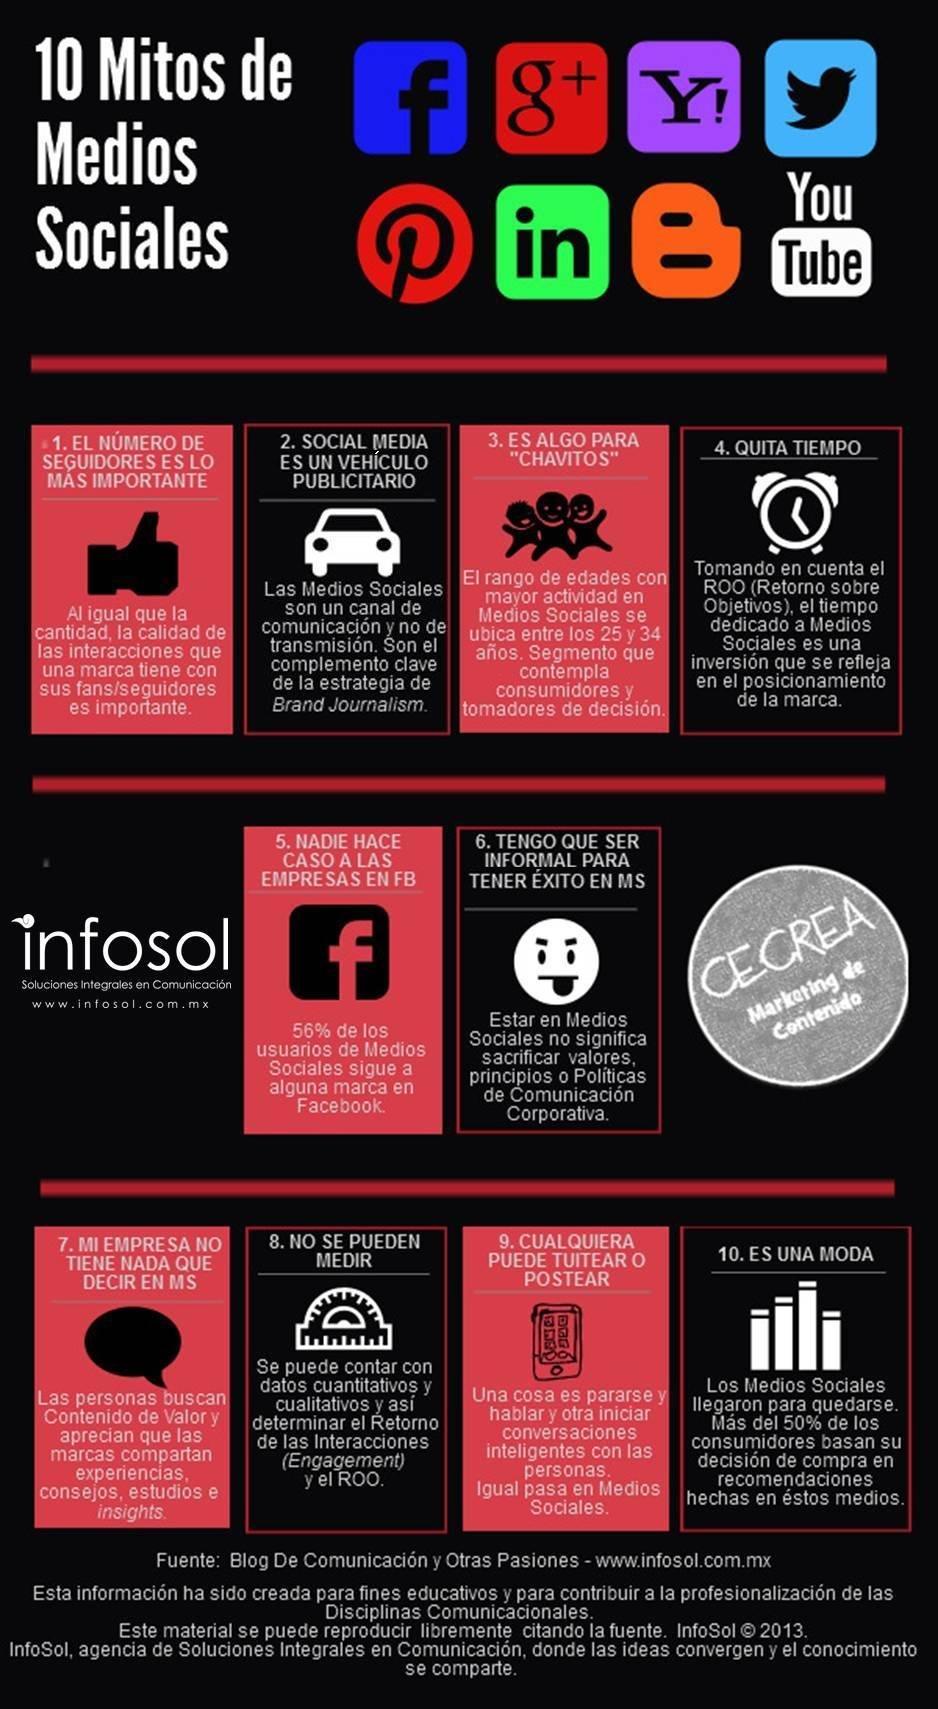 infografia 10 mitos sobre redes sociales1 1 - Redes Sociales: Mitos y leyendas en una infografía